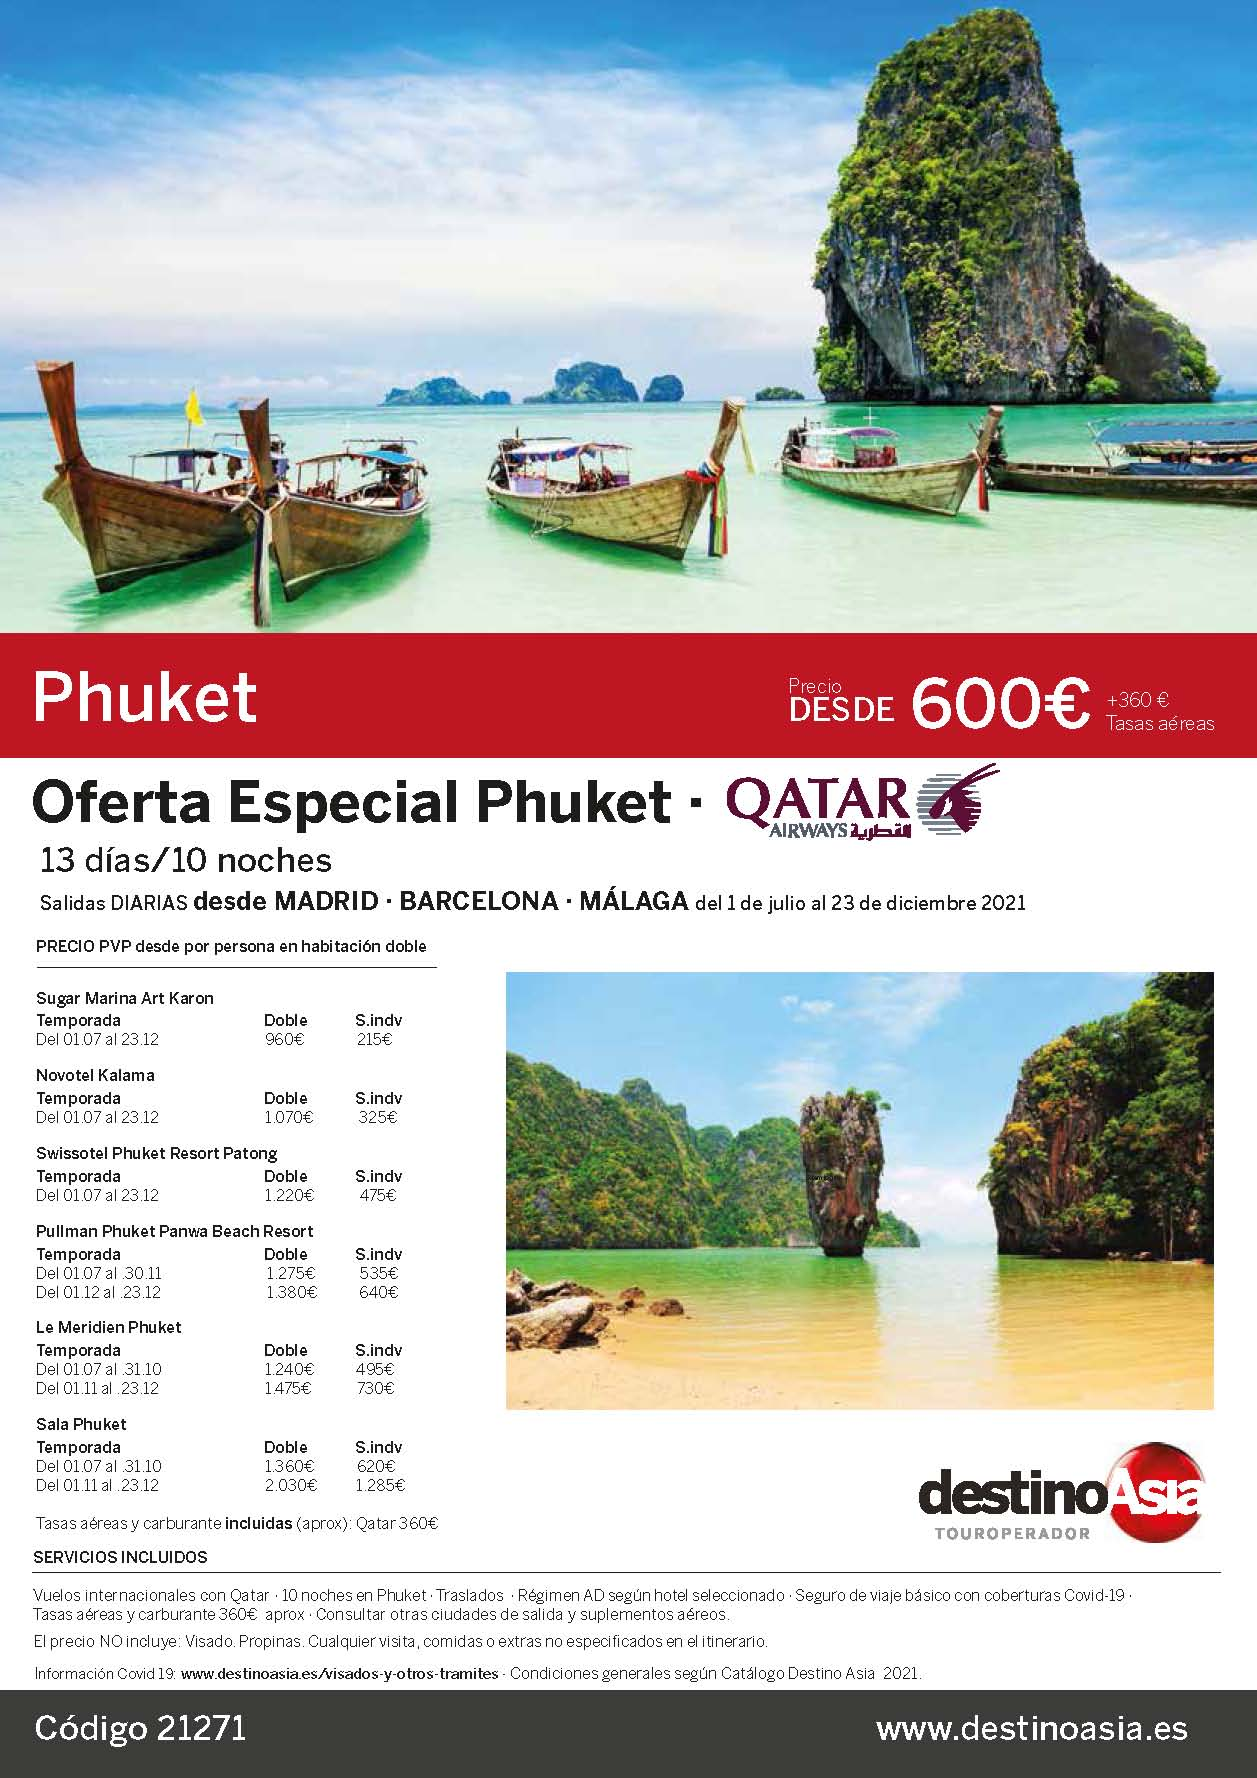 Oferta Destino Asia vacaciones en Phuket Verano y Otono 2021 salidas Madrid Barcelona Malaga